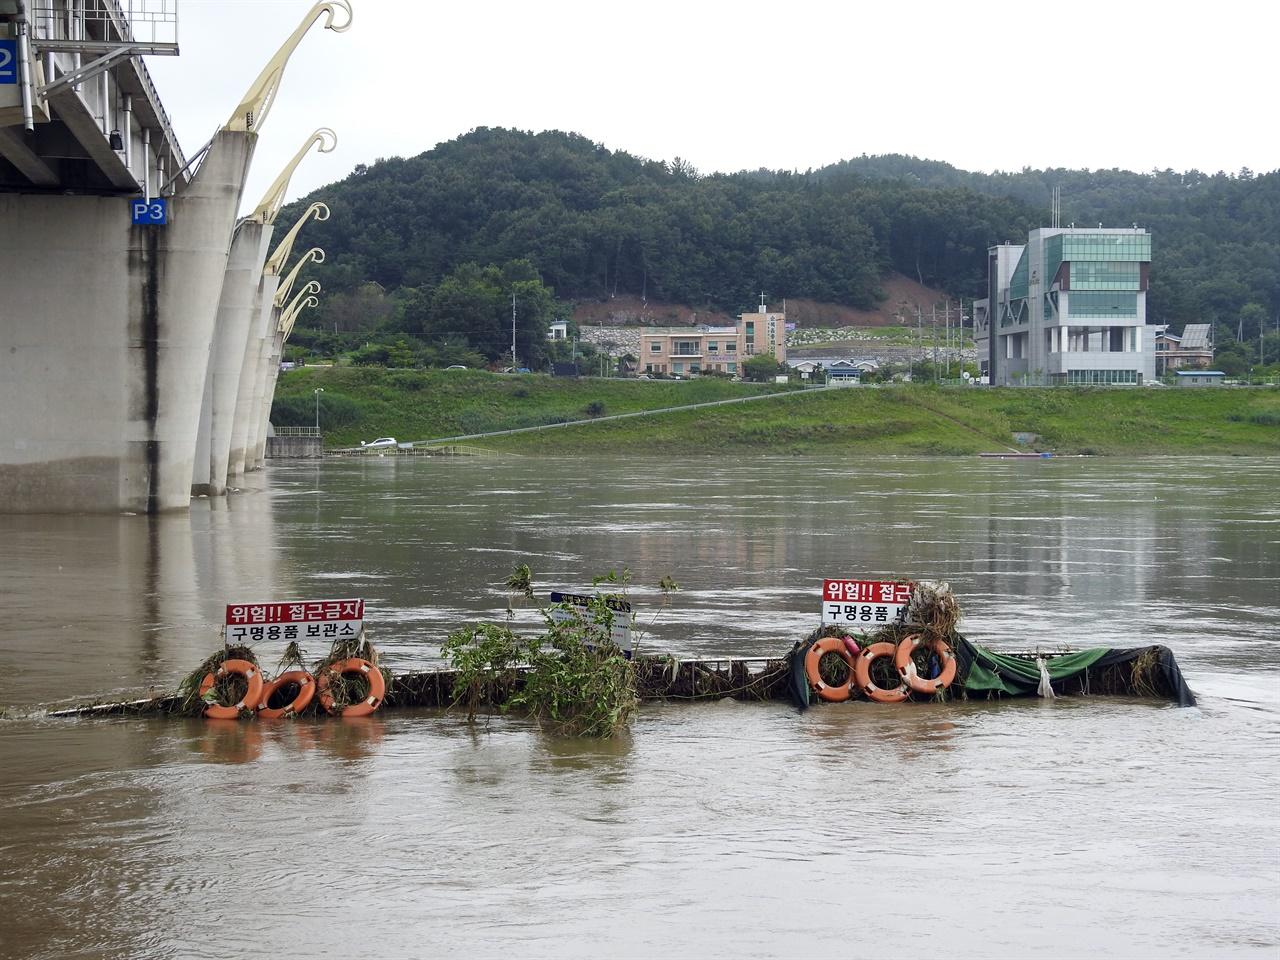 최근 내린 장맛비로 강물이 불어났다 빠지면서 공주보 시설물에도 쓰레기가 잔뜩 걸려 있다.